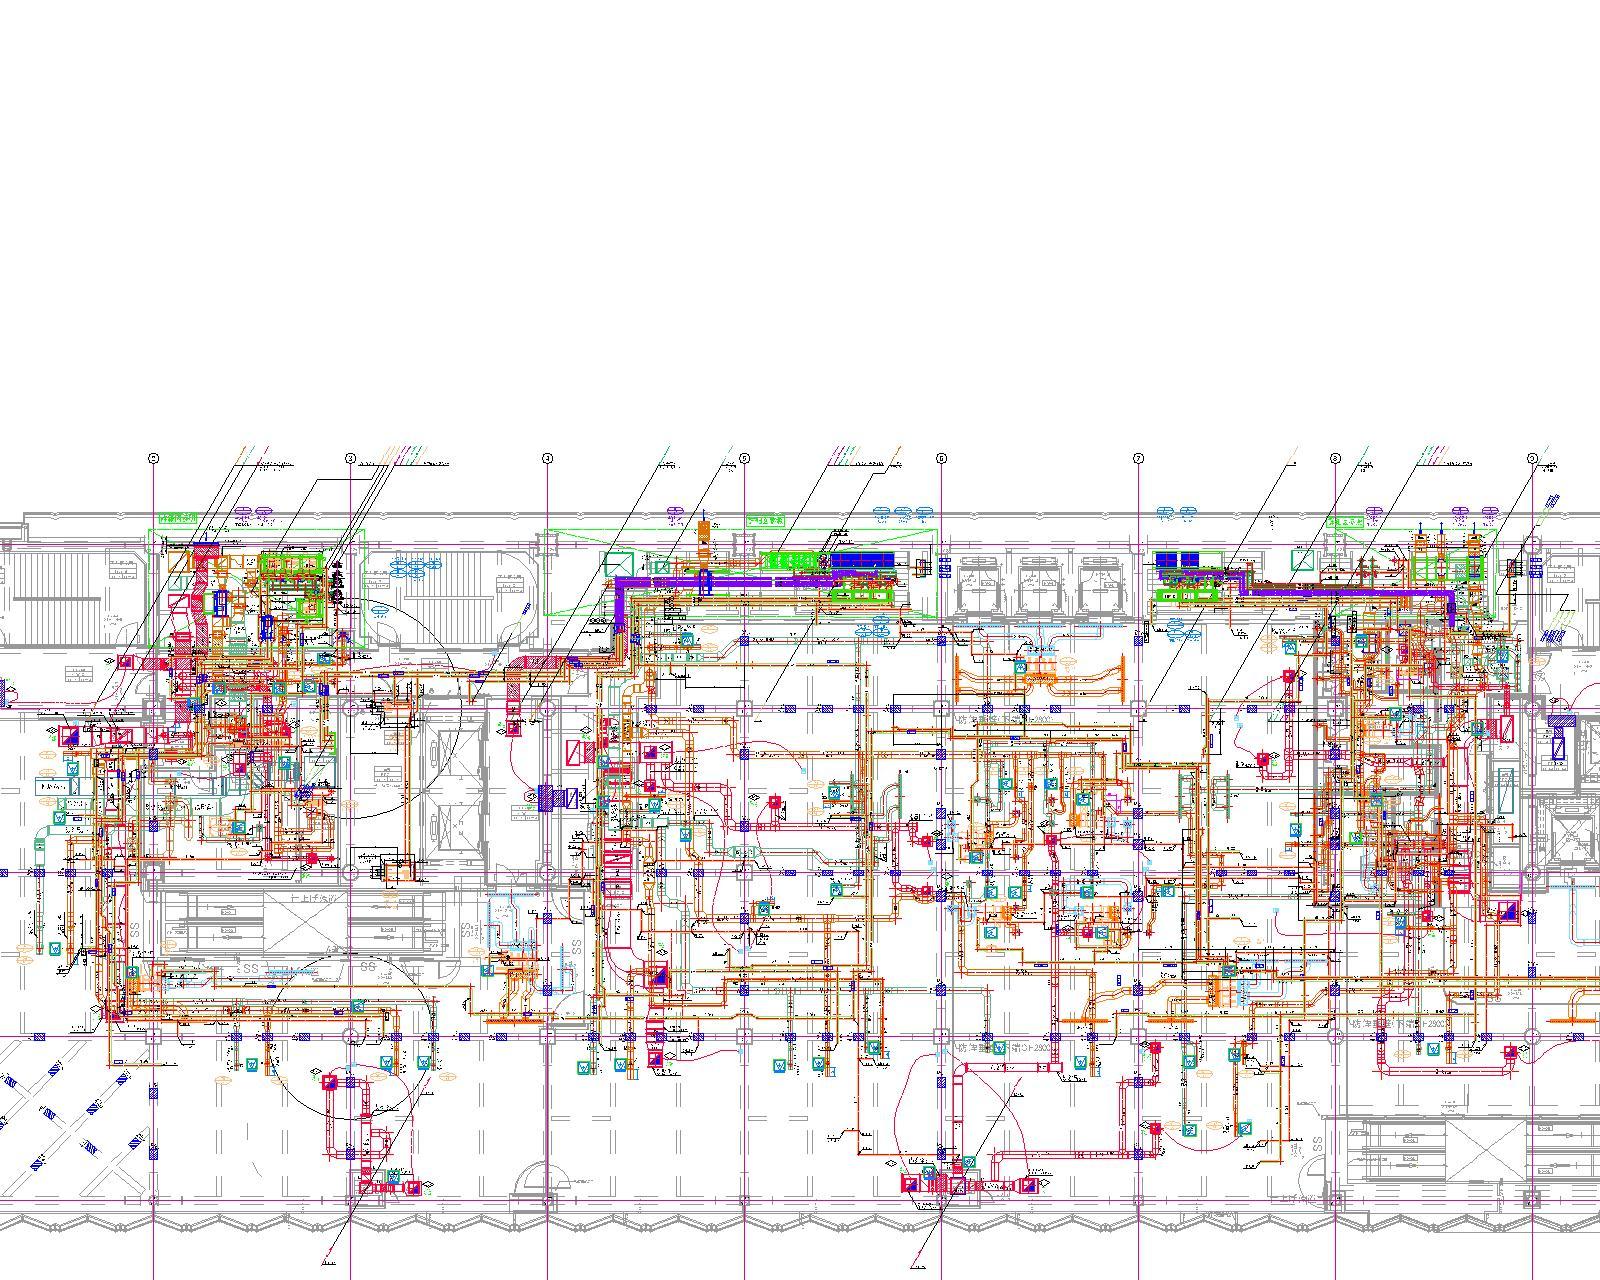 613_6階+ダクト・配管平面図.dwg新_⑦_3.6-モデル